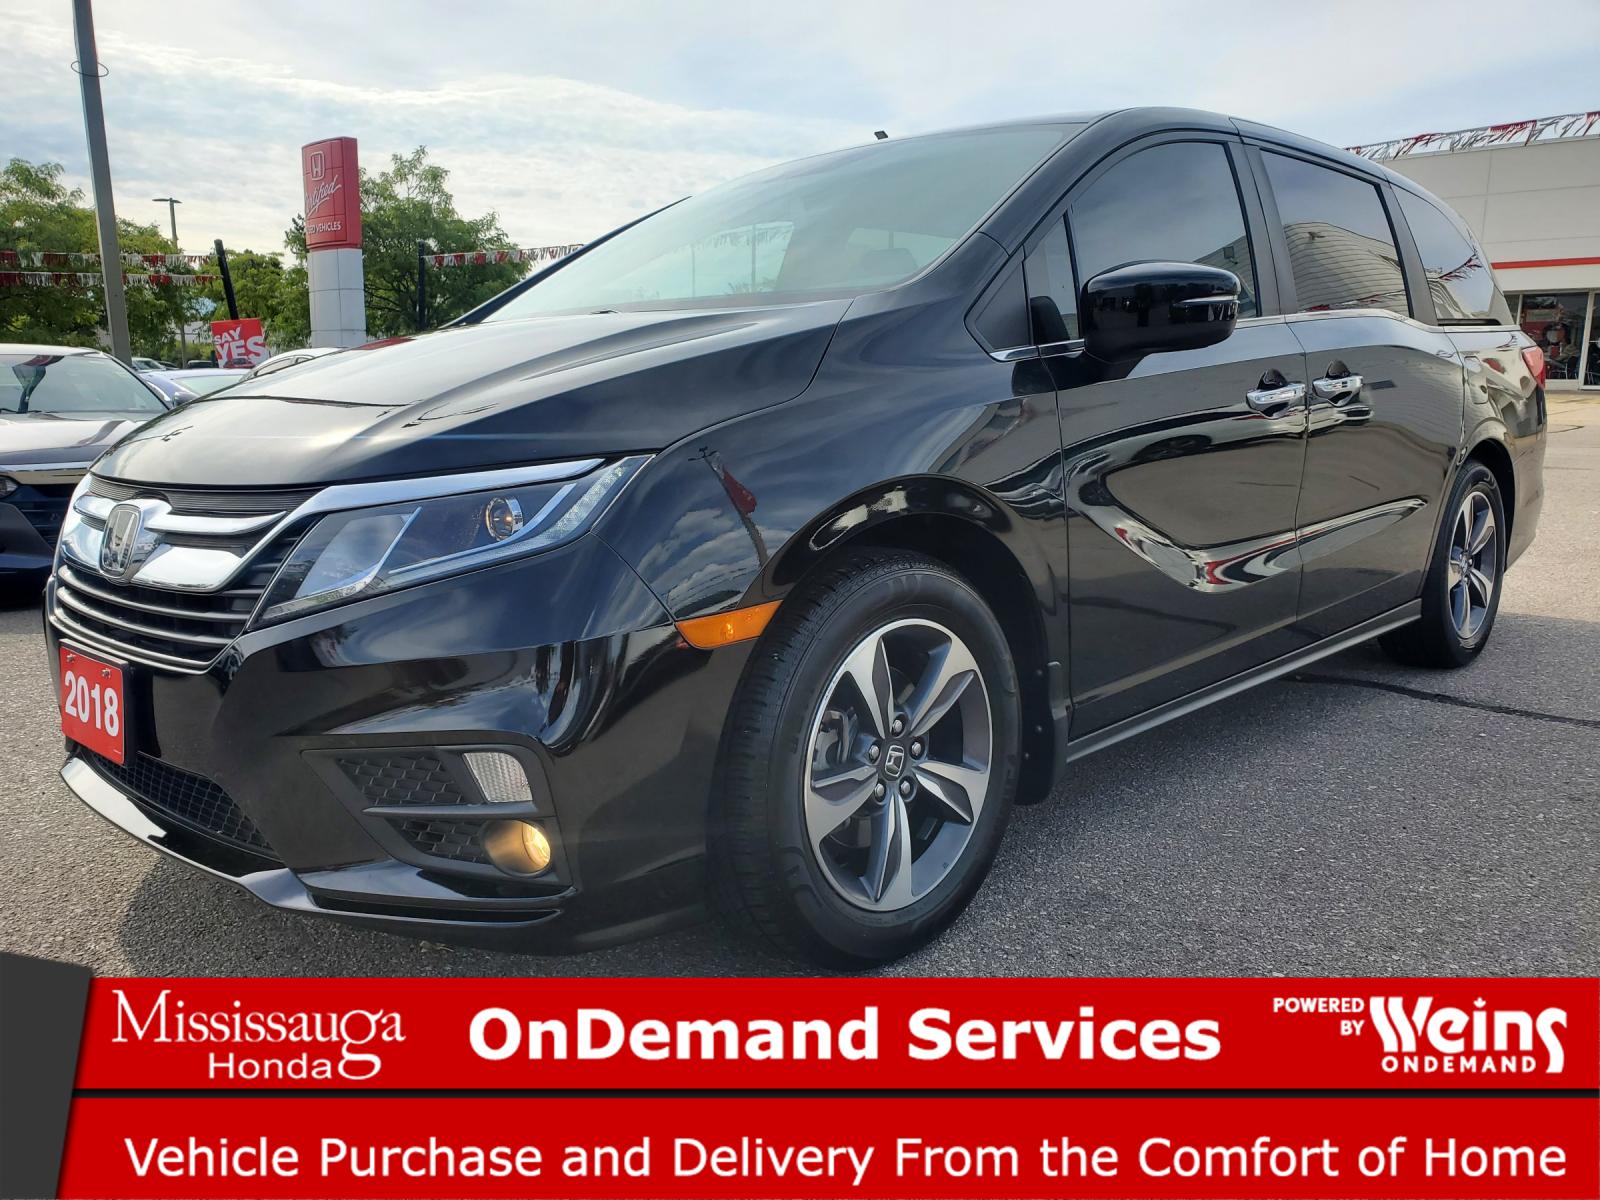 2018 Honda Odyssey Image